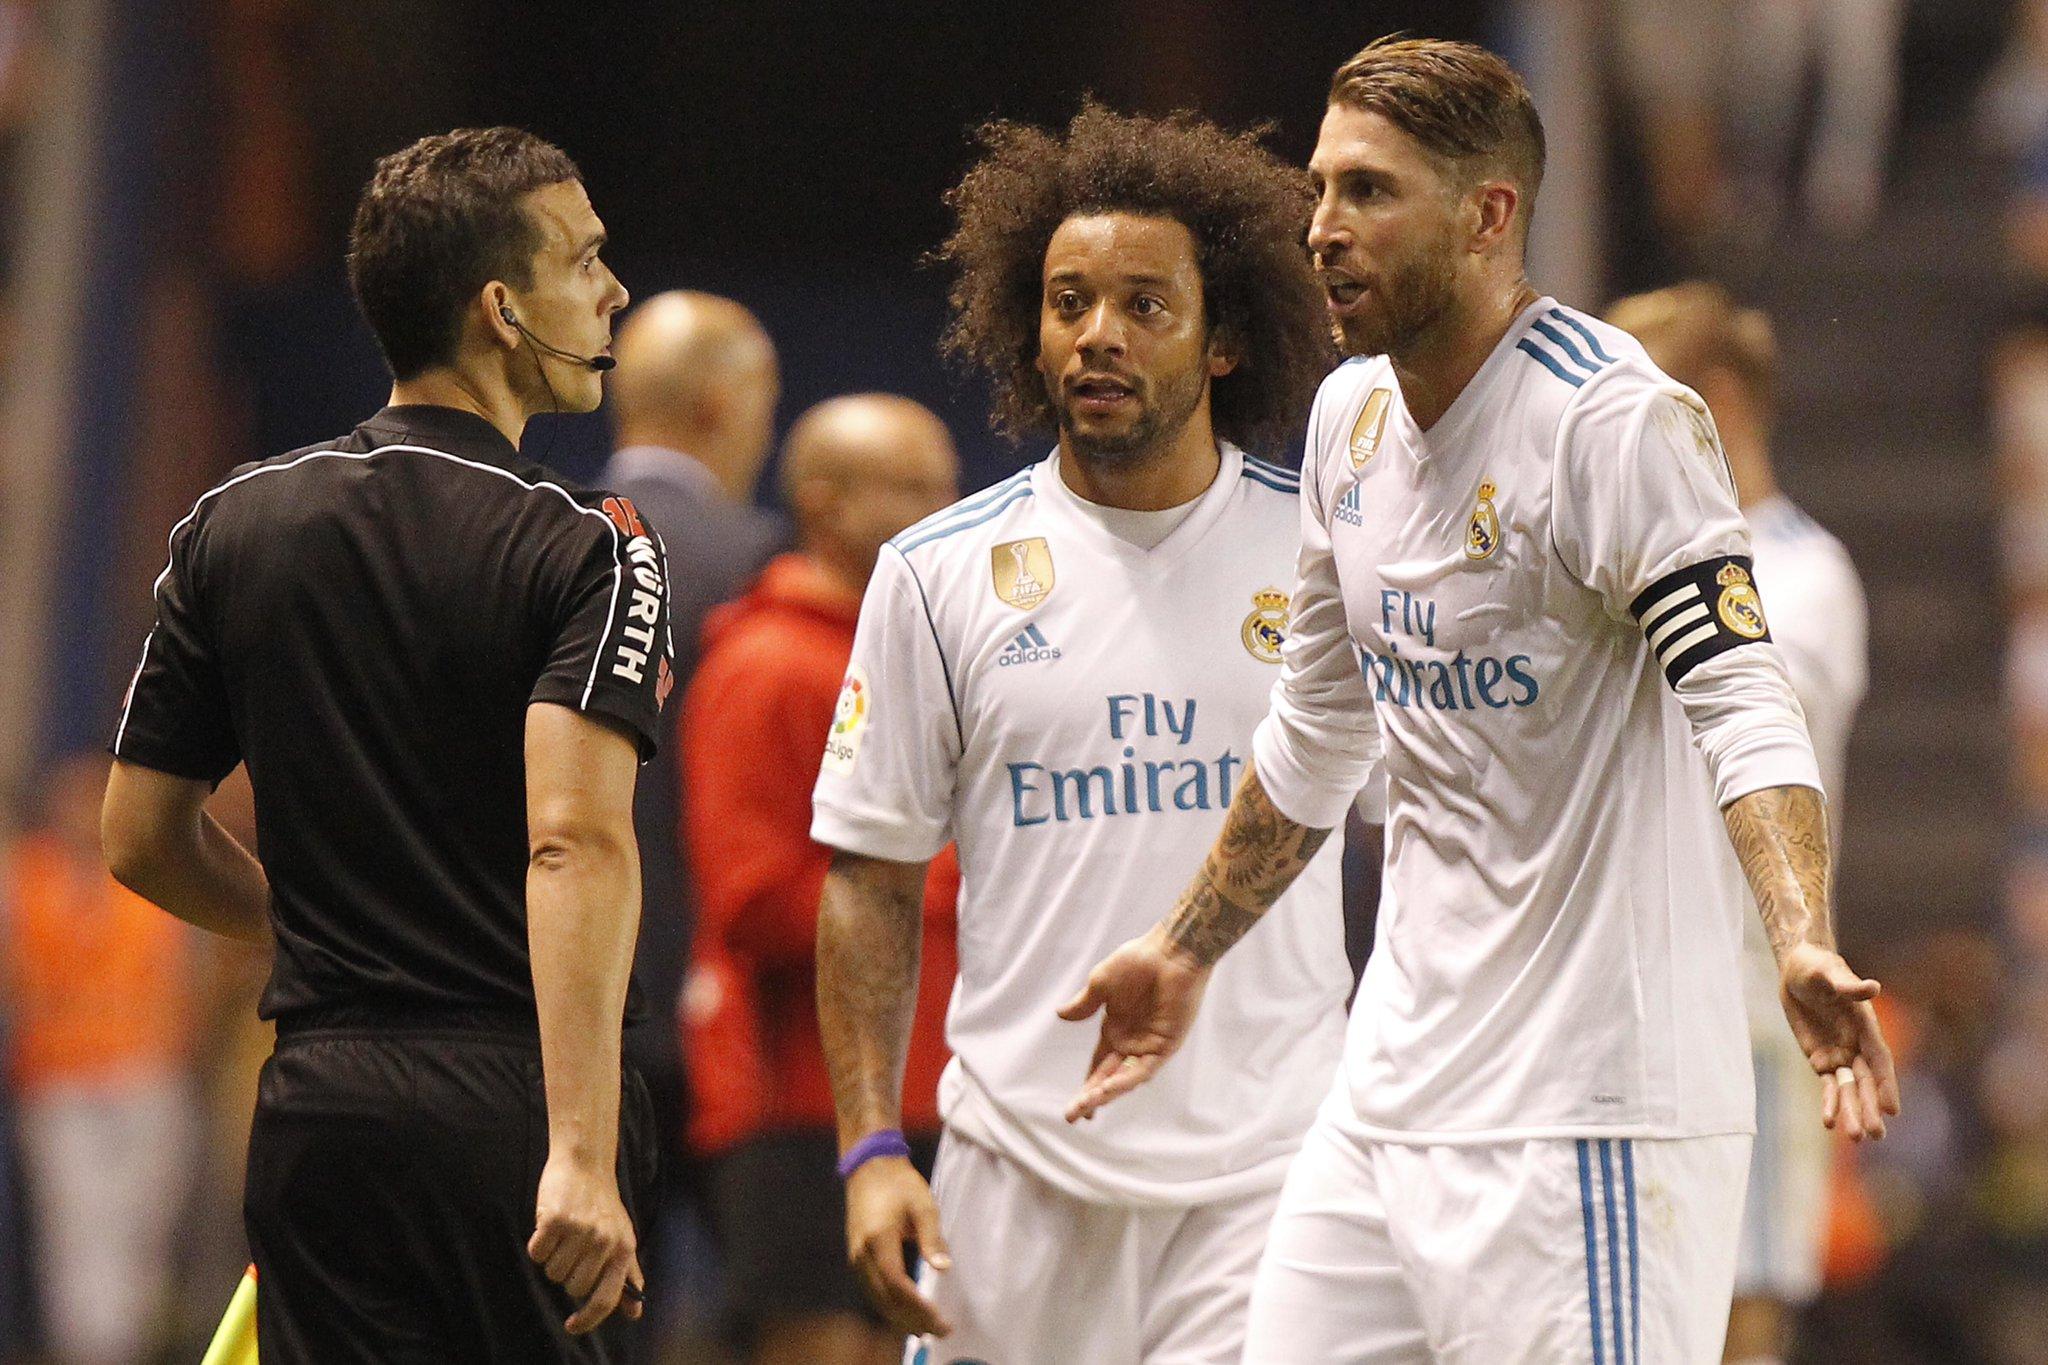 'Pablo Alfaro nos adoctrinó a Ramos y a mí en lo de las tarjetas rojas' https://t.co/xi6yns51pu https://t.co/VjooUJOfdZ